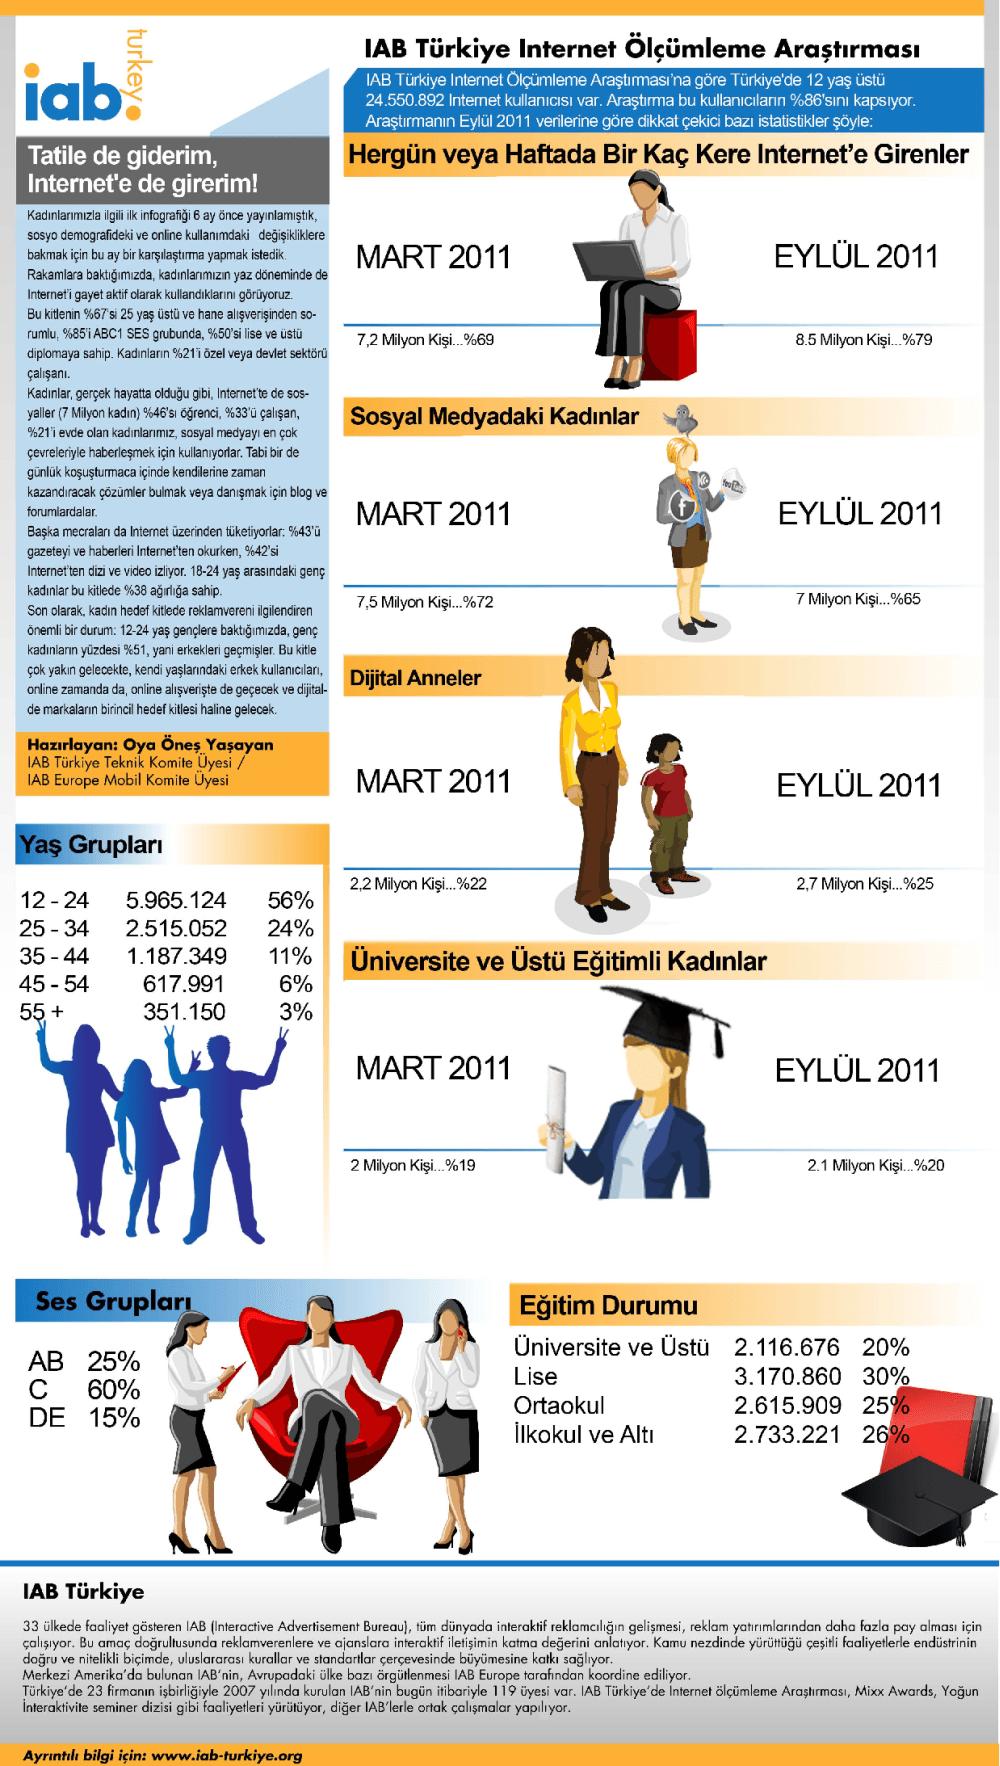 IAB Internet Arastirmasi Eylul 2011